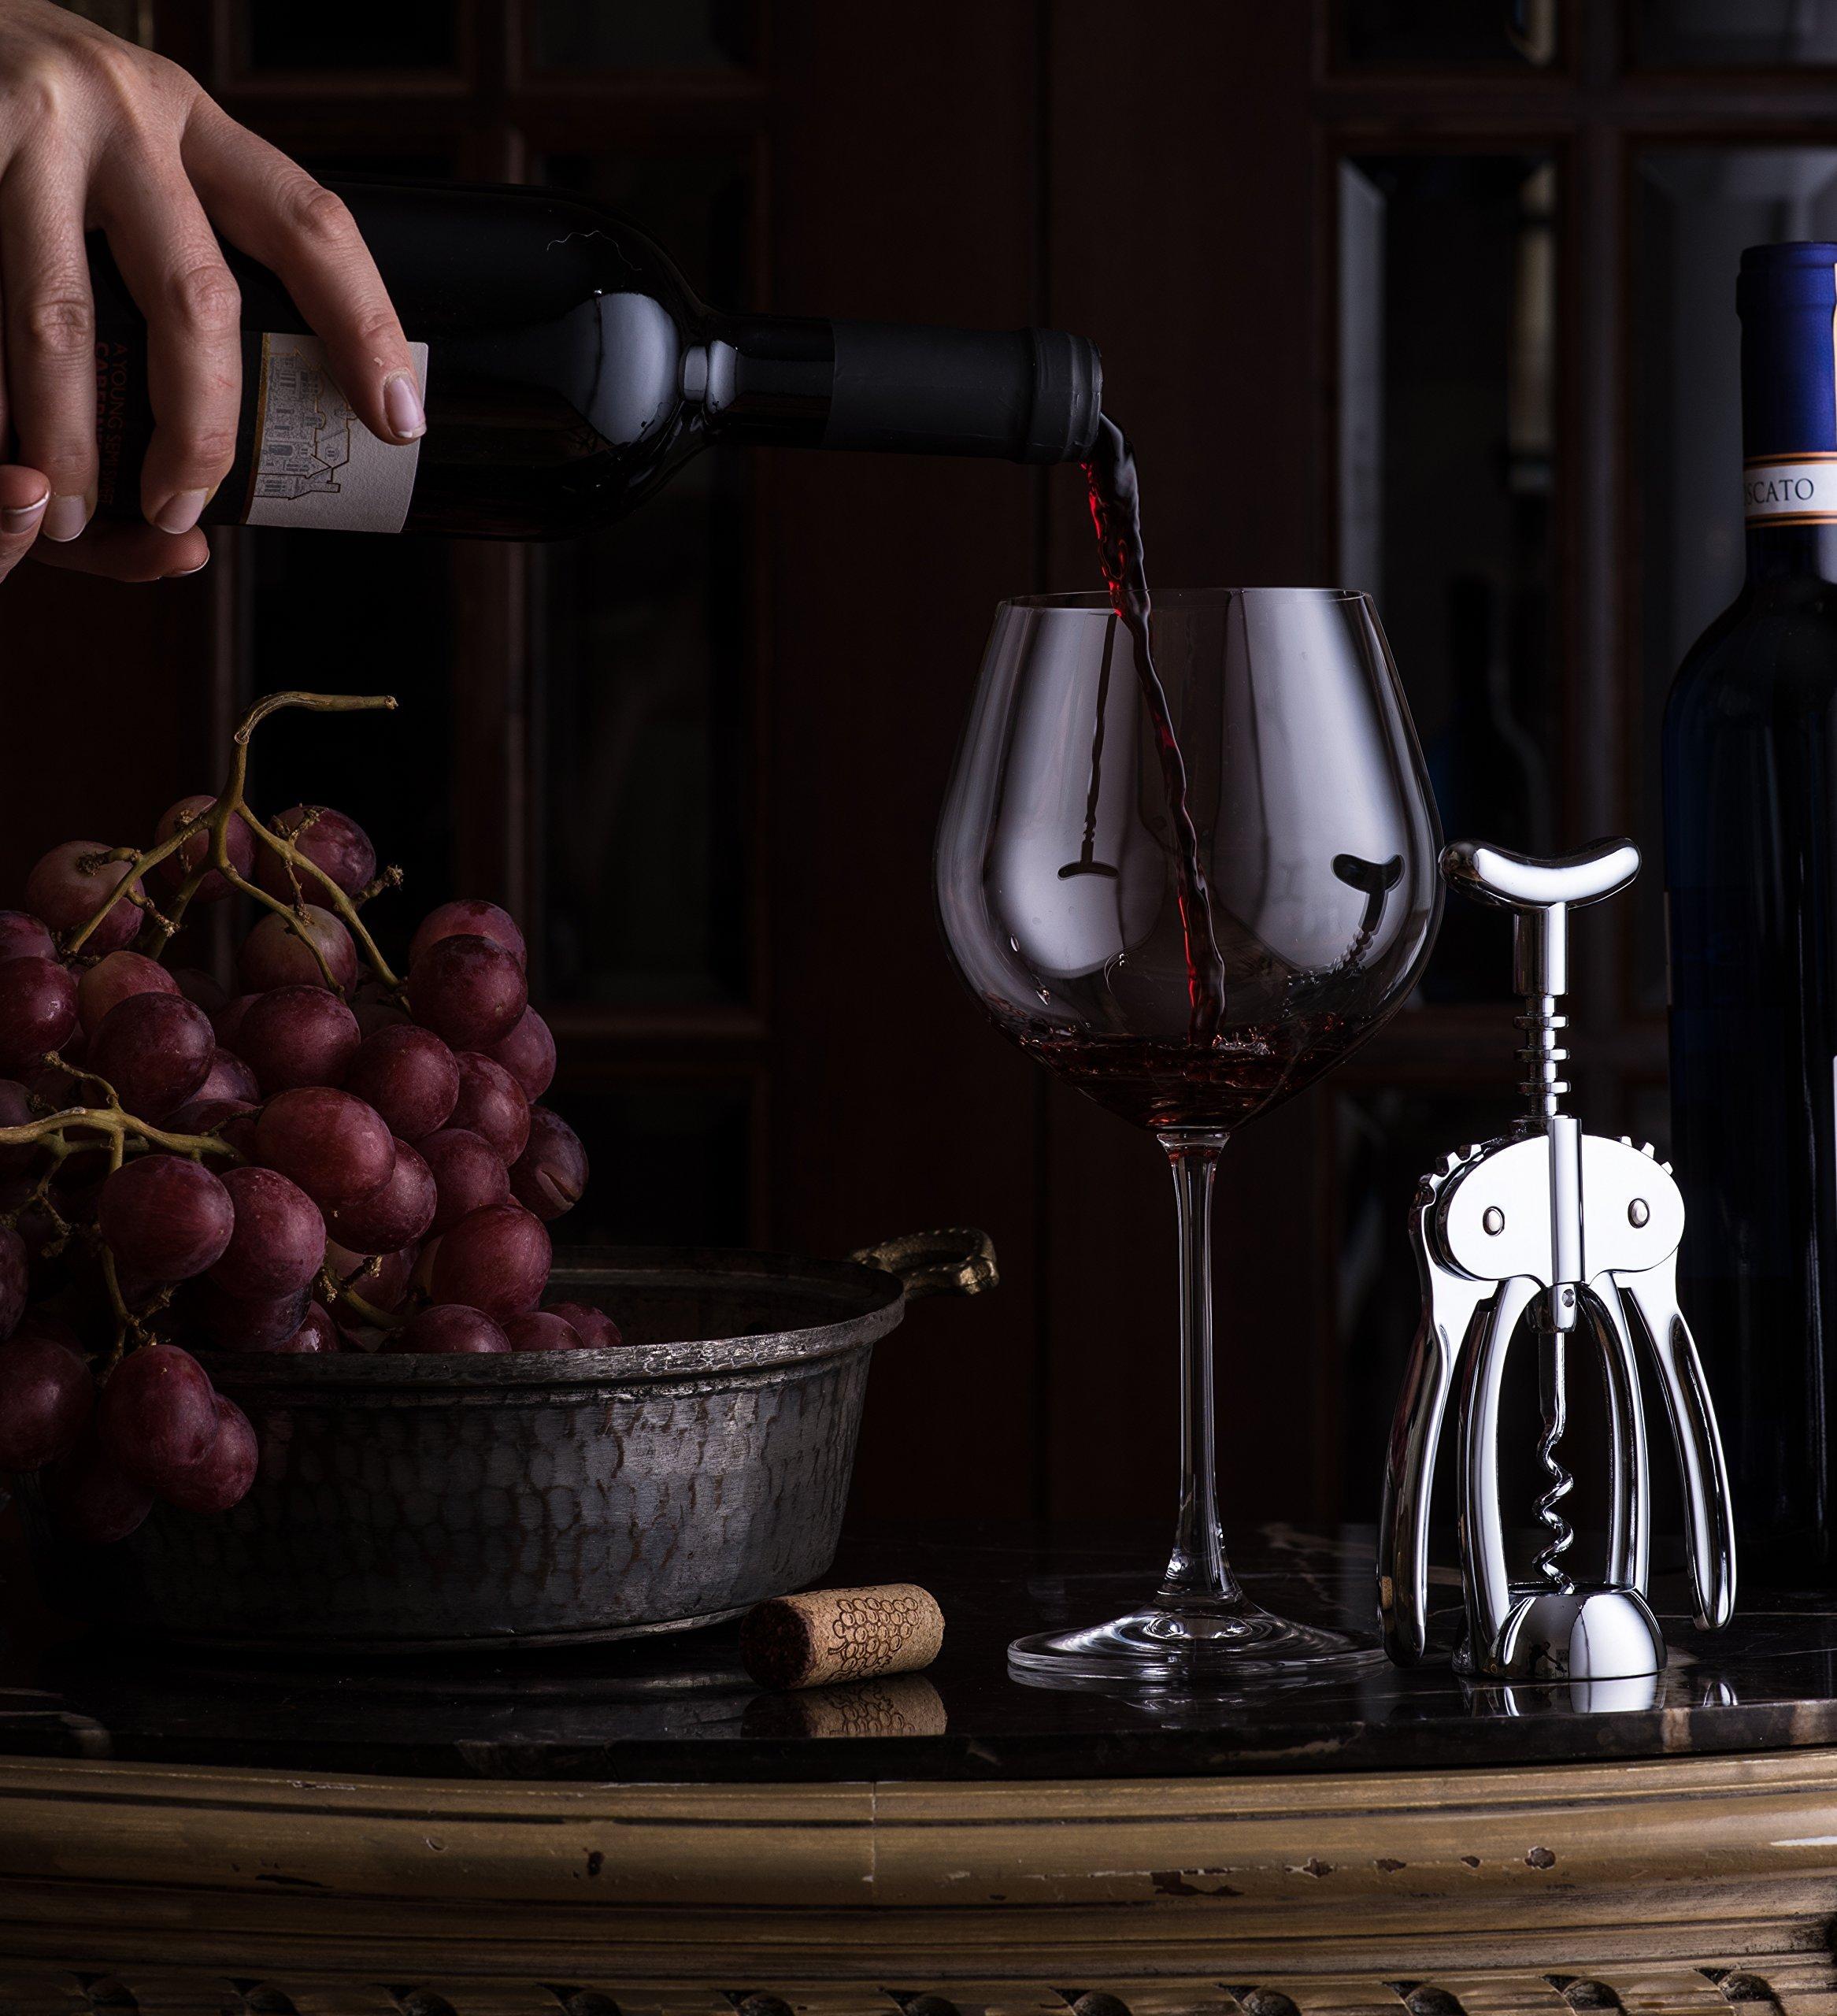 Bellemain Premium Wing Corkscrew Wine Opener Heavy-duty nonstick by Bellemain (Image #4)